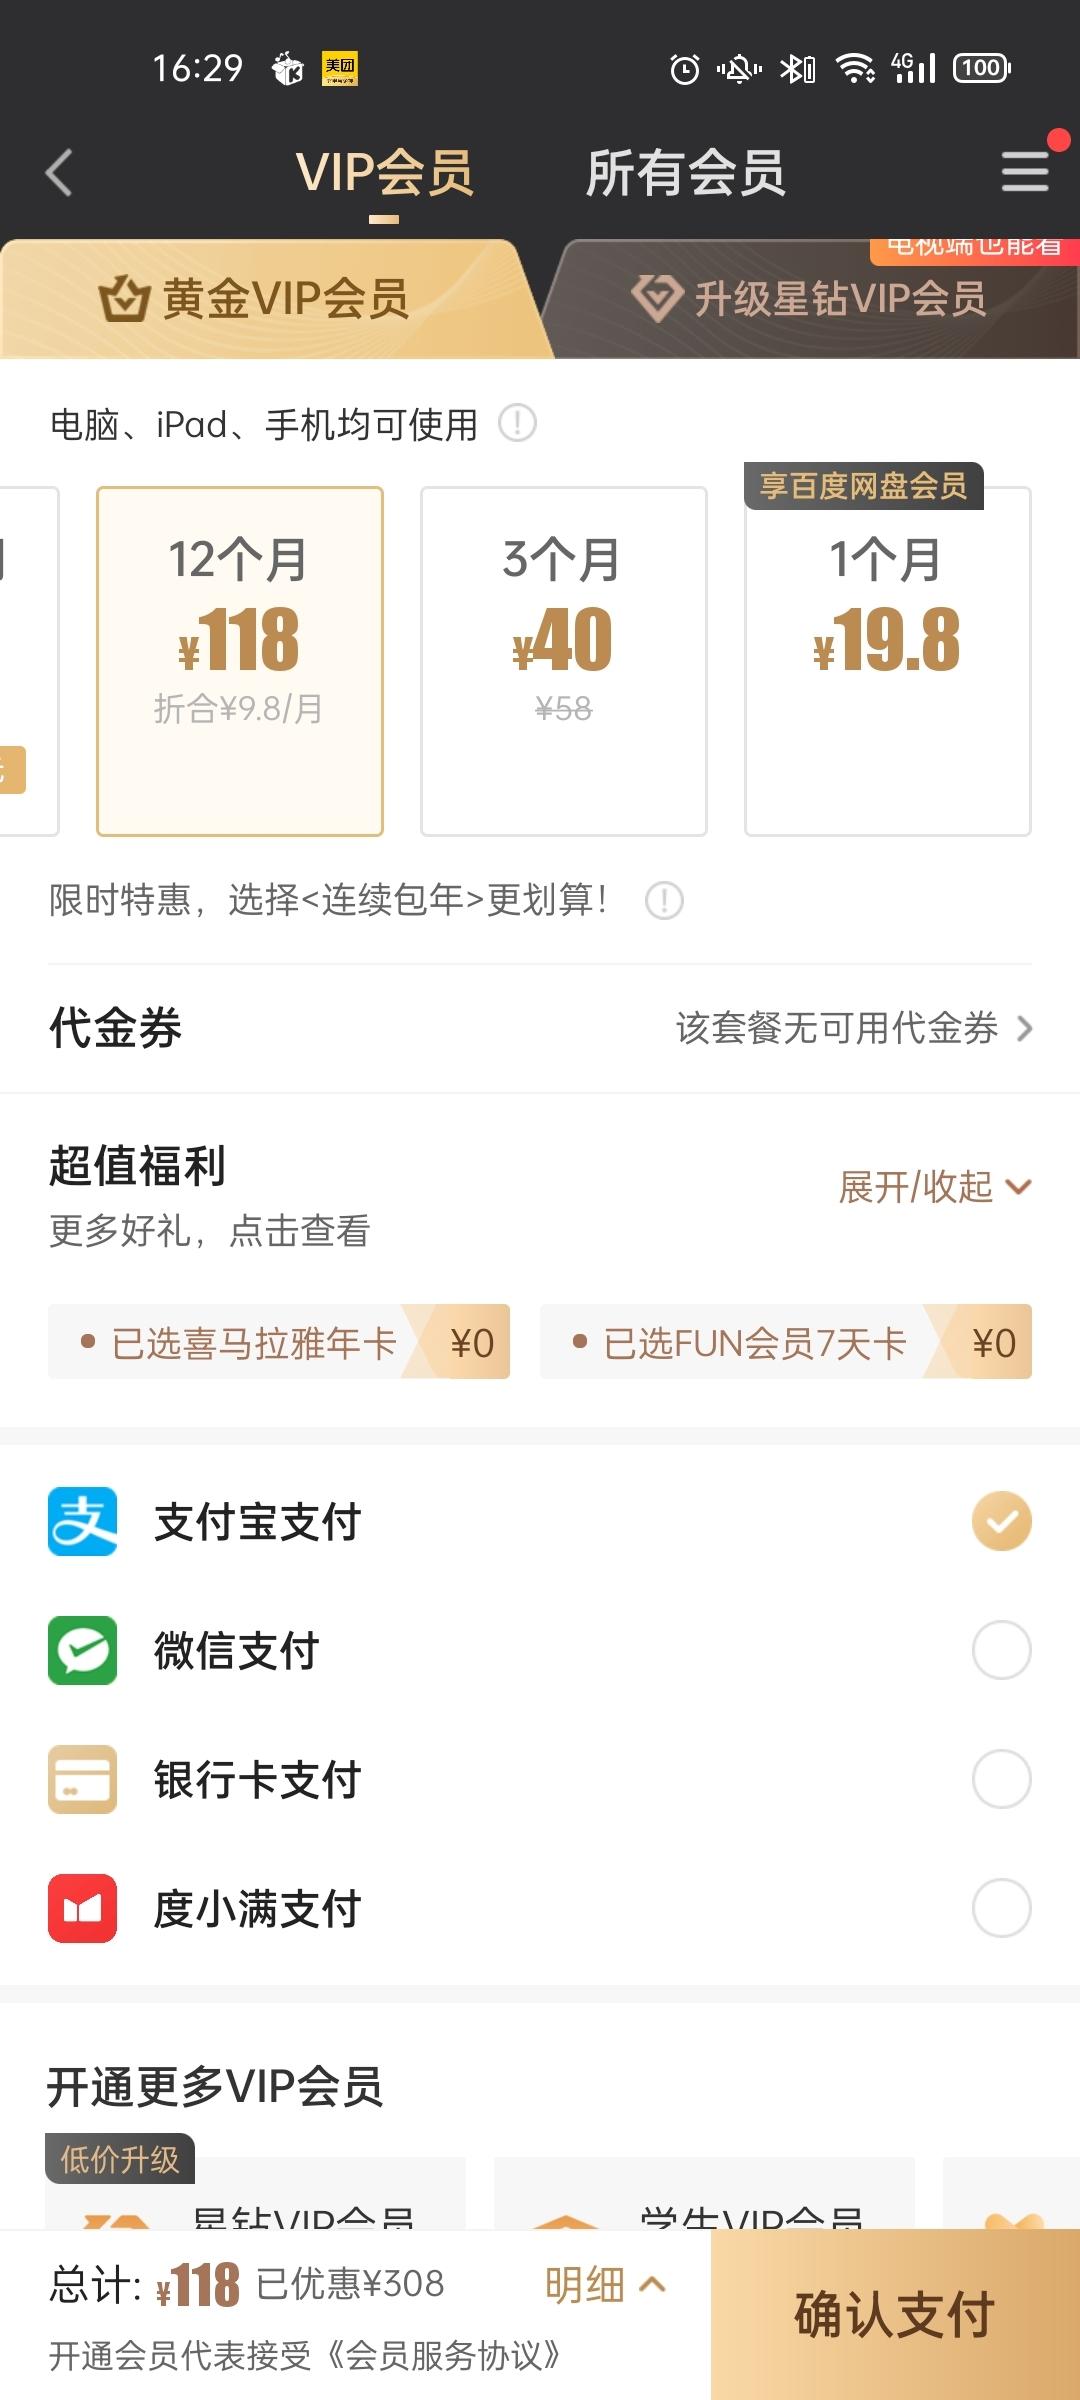 爱奇艺宣布涨价:黄金VIP会员年费248元!